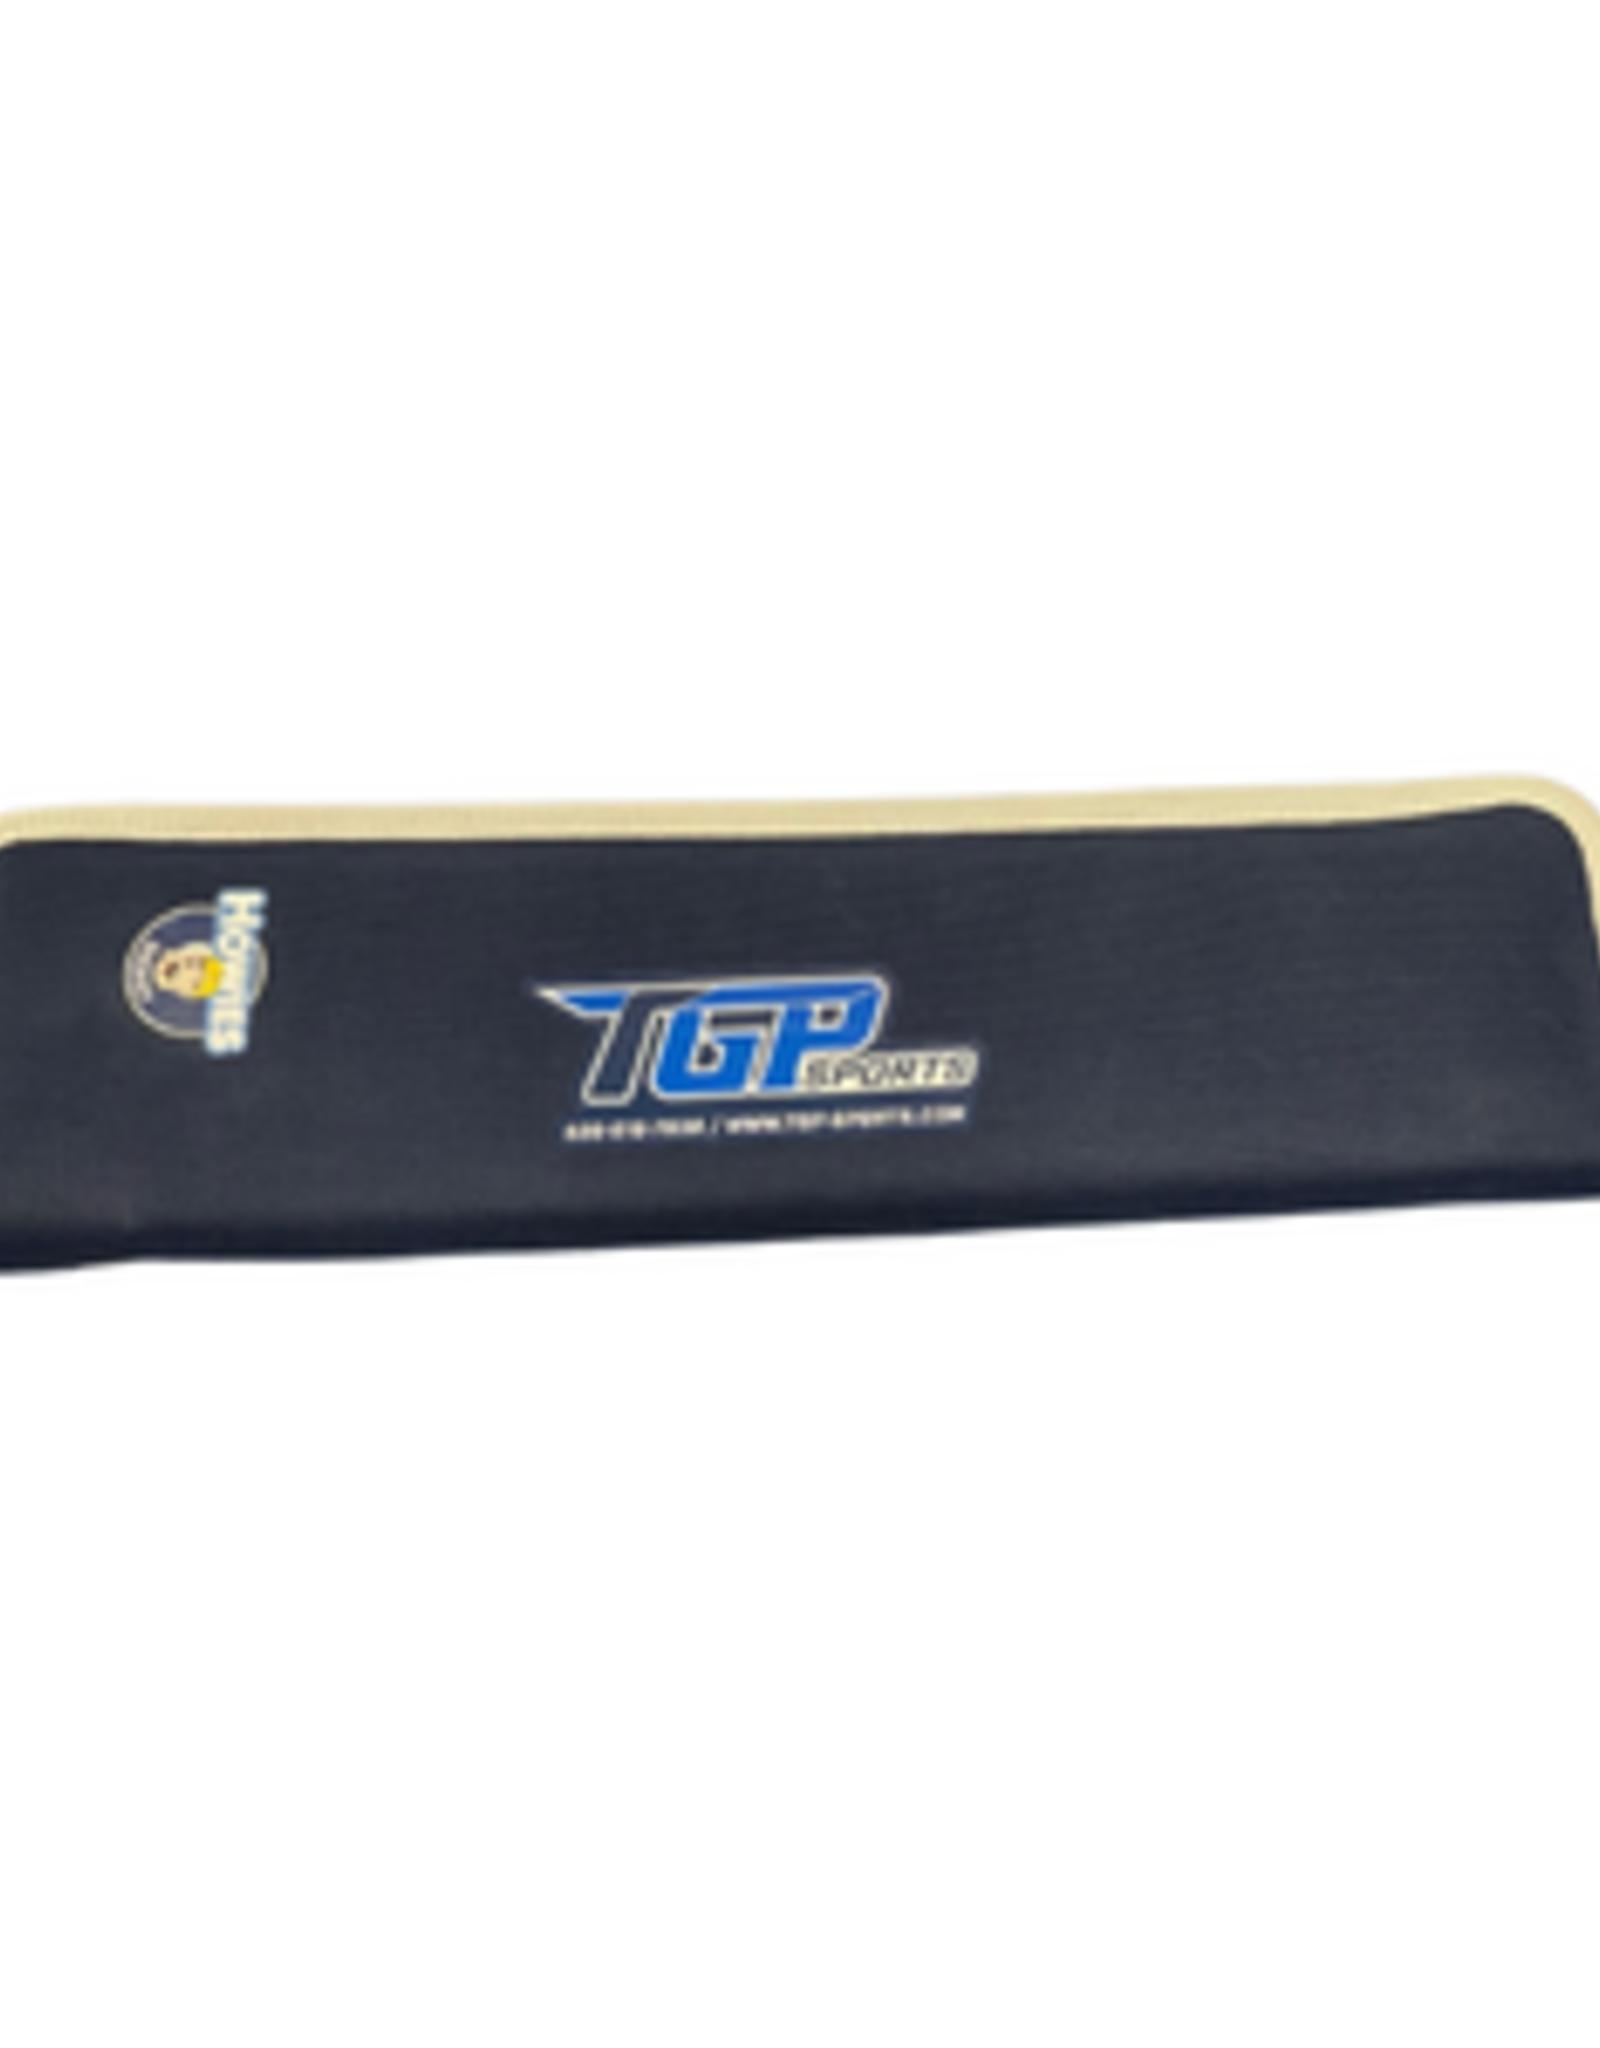 Howies Howies TGP Skate Blade Case